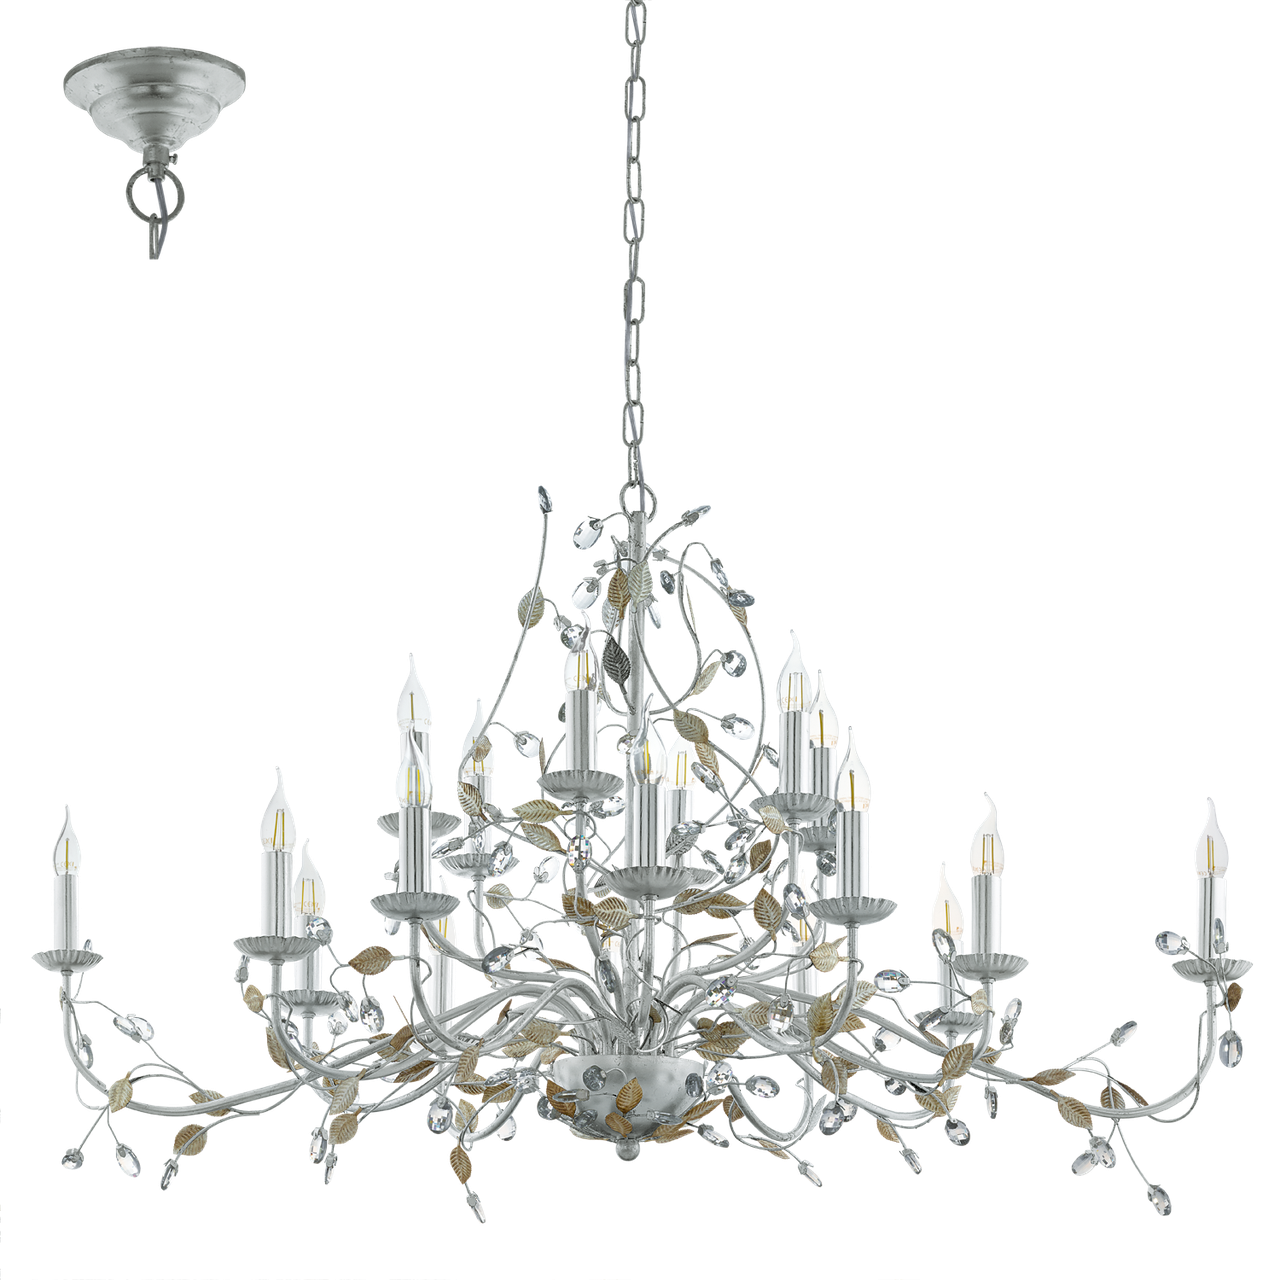 Люстра-свечи «Роща» EGLO 49828 FLITWICK 1